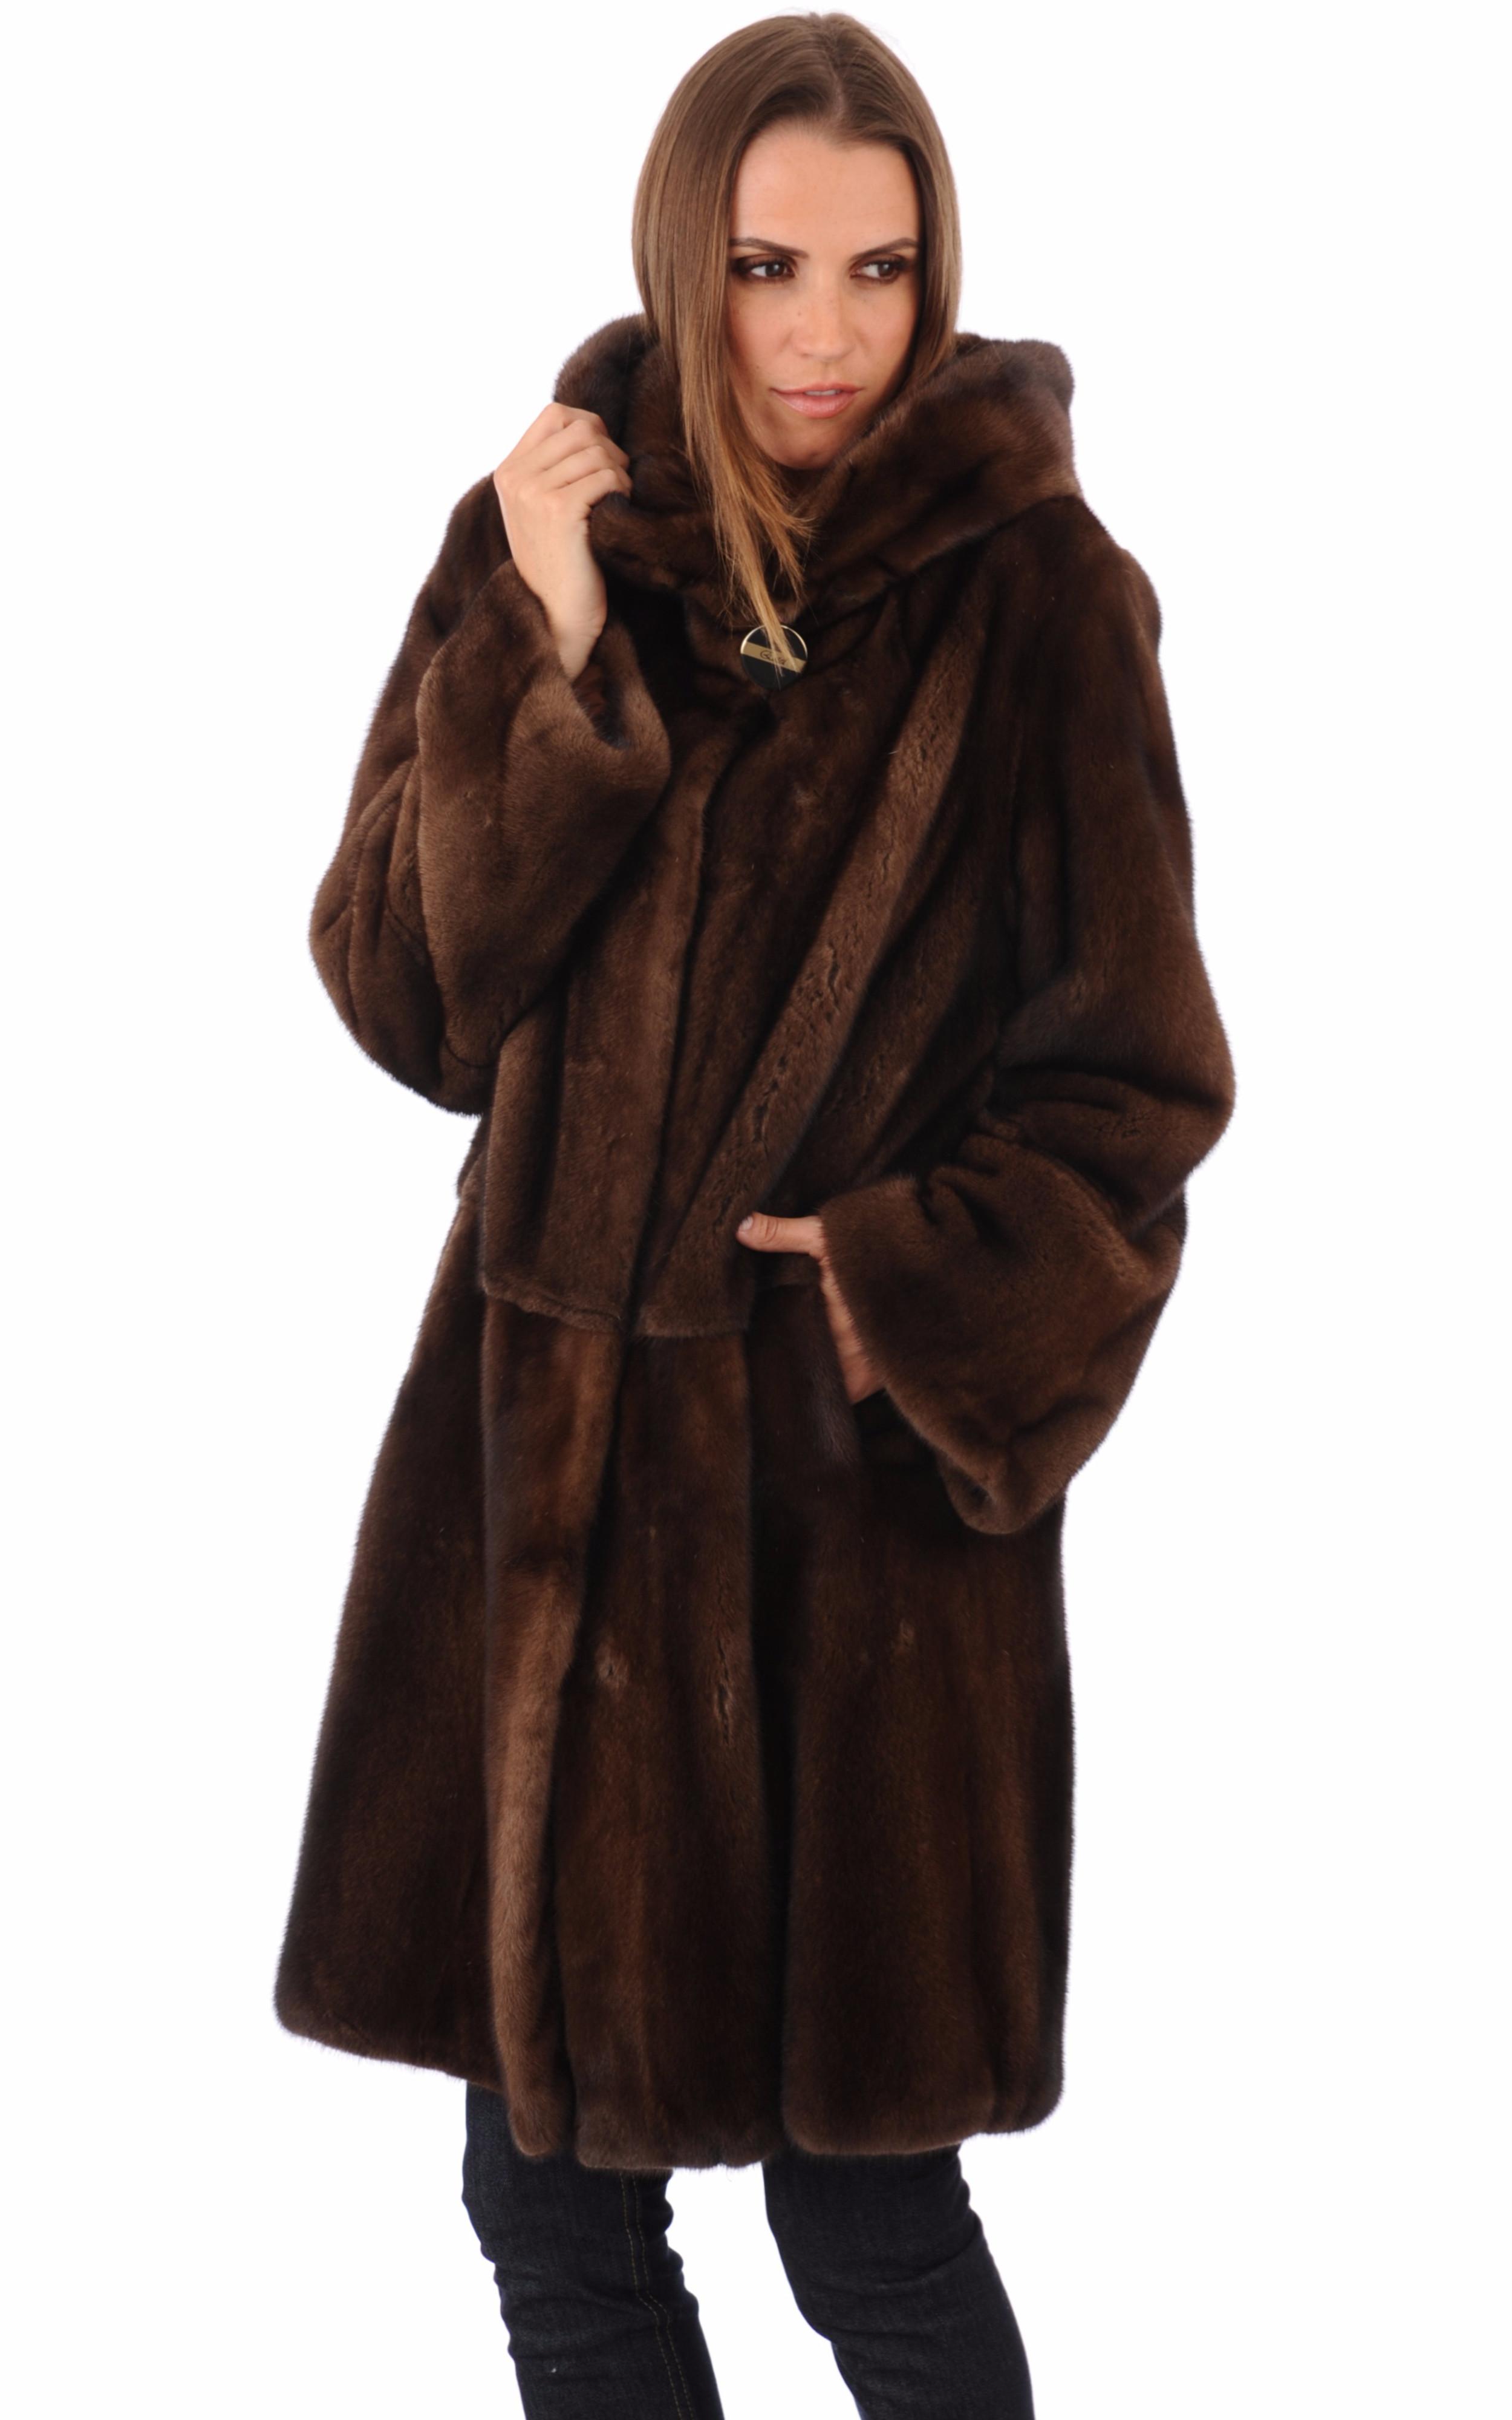 manteau pleine peau vison la canadienne la canadienne manteau 7 8 fourrure scanbrown. Black Bedroom Furniture Sets. Home Design Ideas